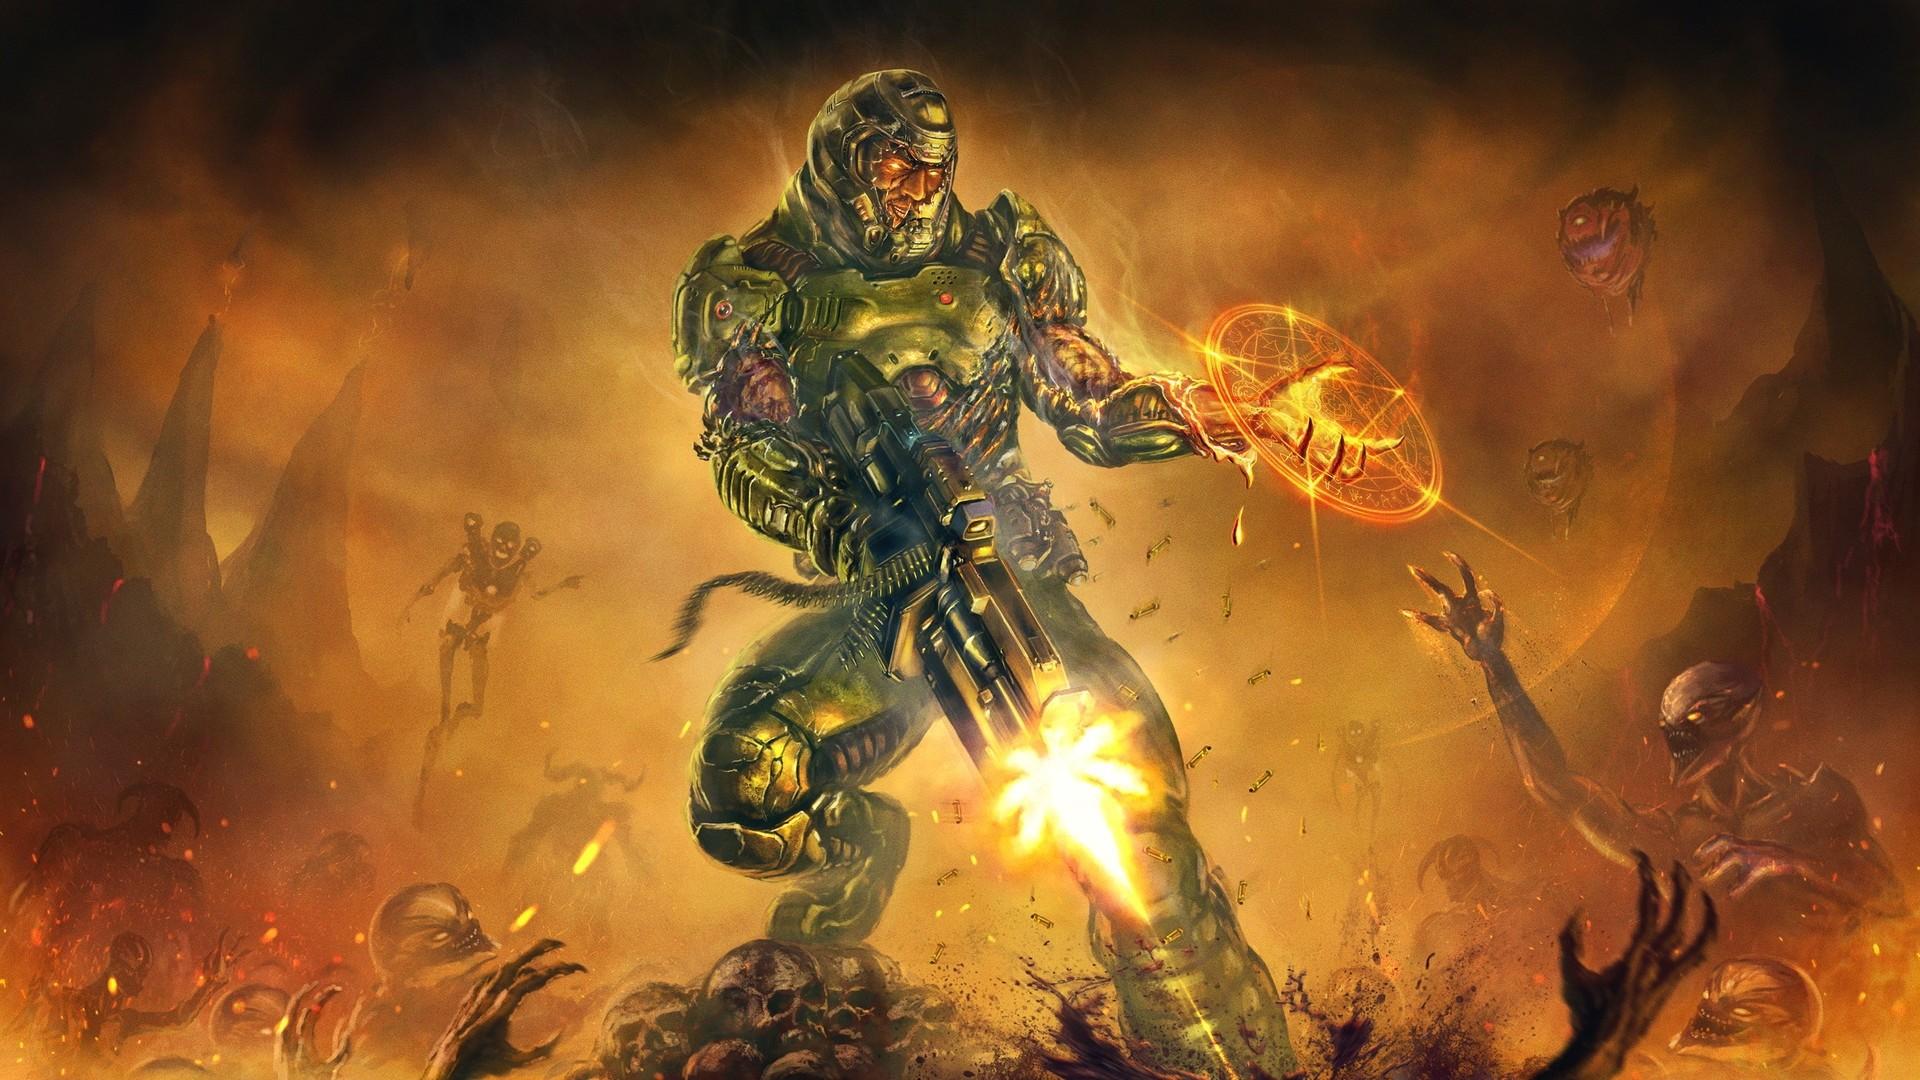 Doom Wallpaper Picture hd